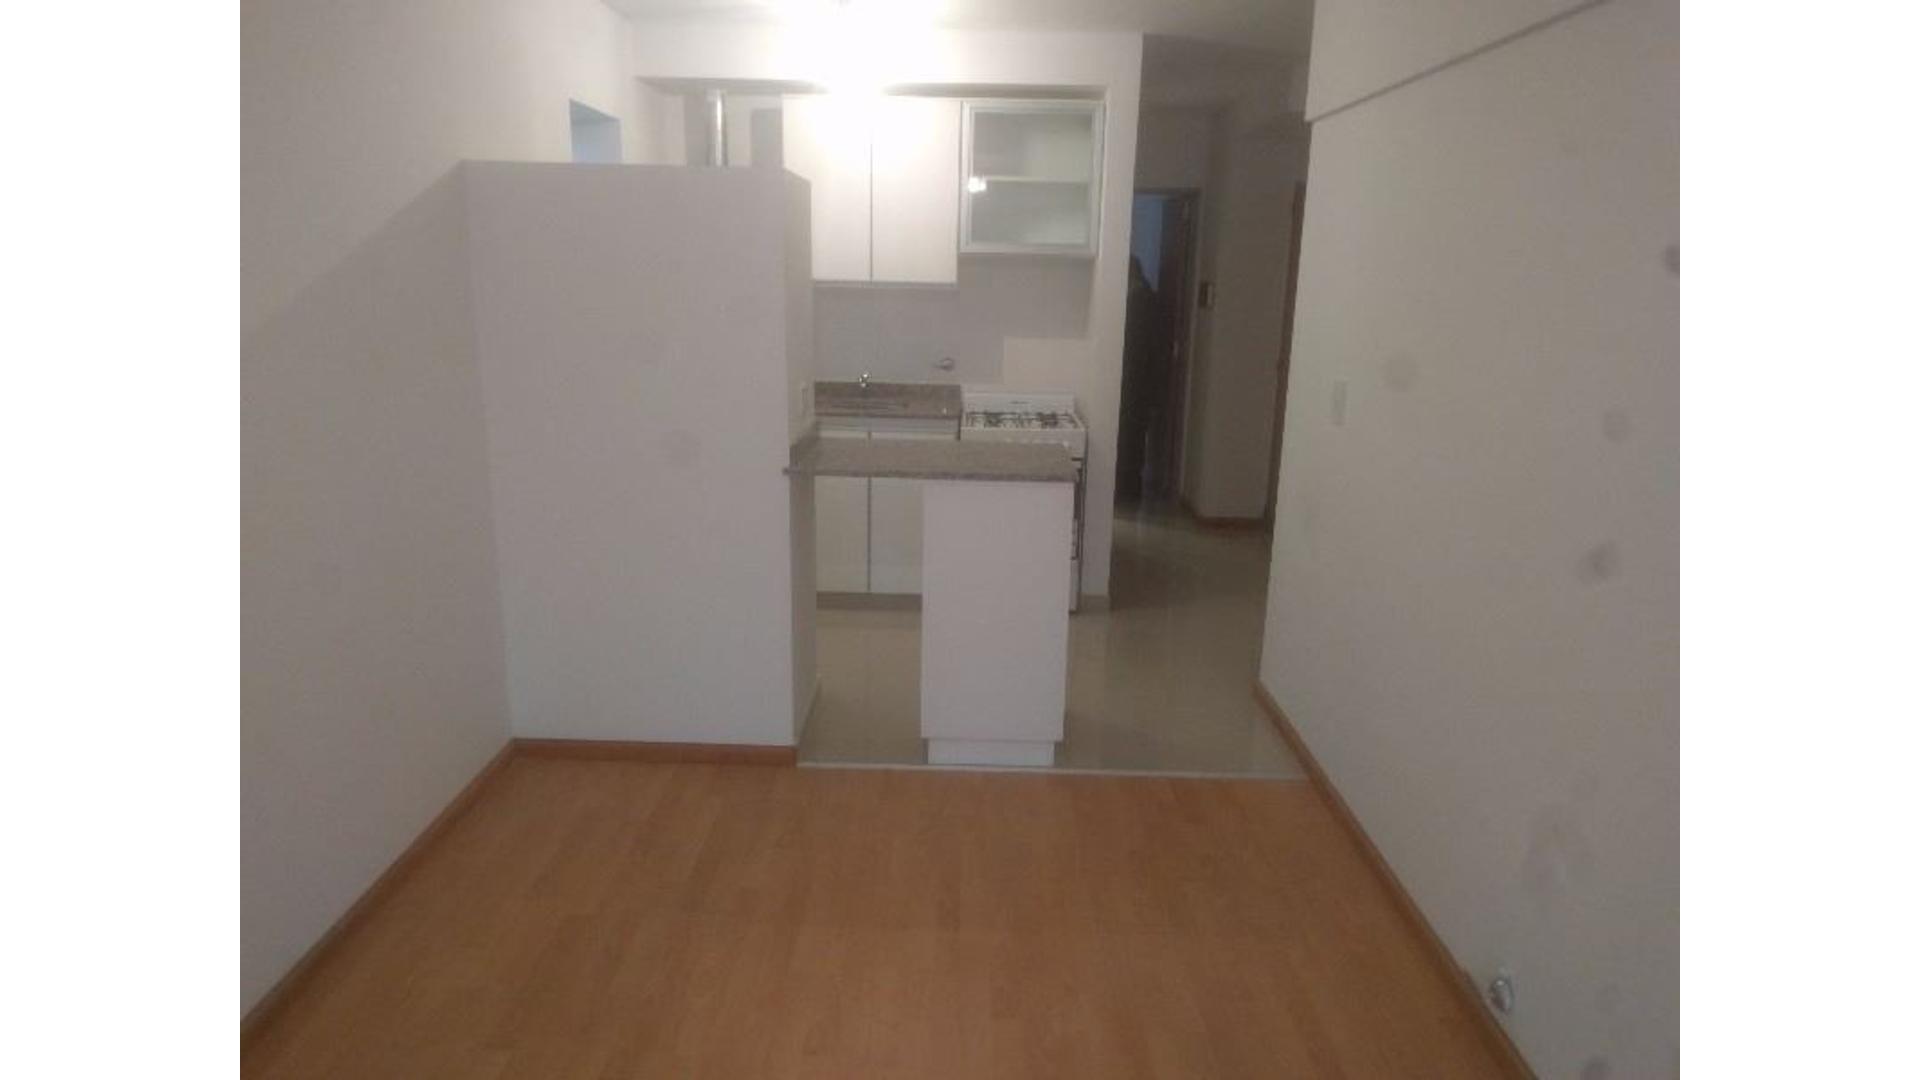 Jujuy 1622! Oportunidad! Departamento de dos dormitorios excelente precio y ubicación!